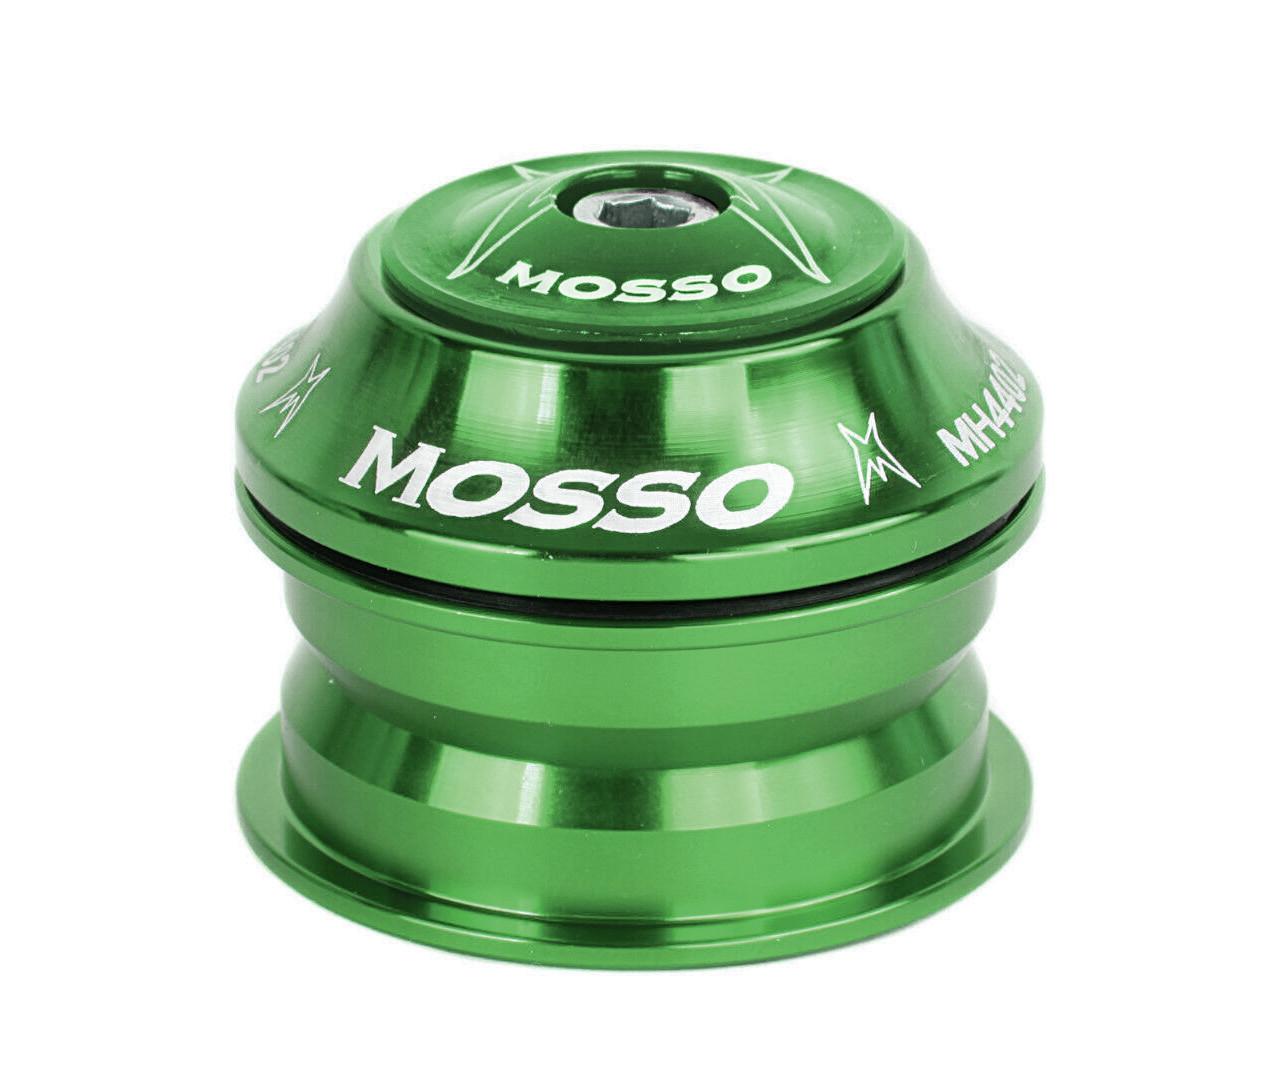 Рулевая колонка Mosso ZS44, полуинтегрированная, зеленая